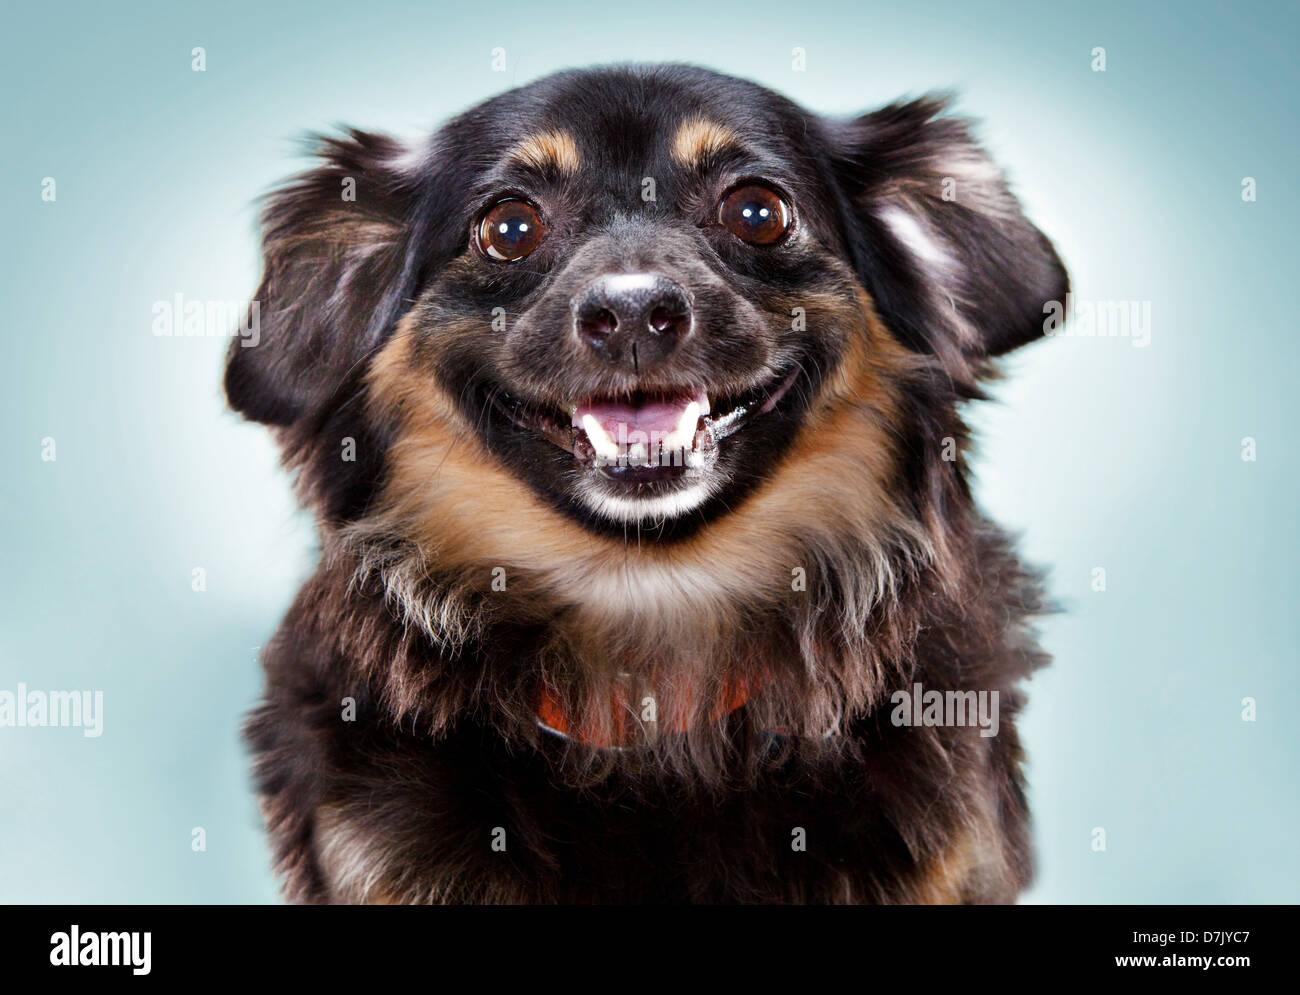 Teckel chihuahua MIX BREED perro mirando a la cámara. Foto de stock